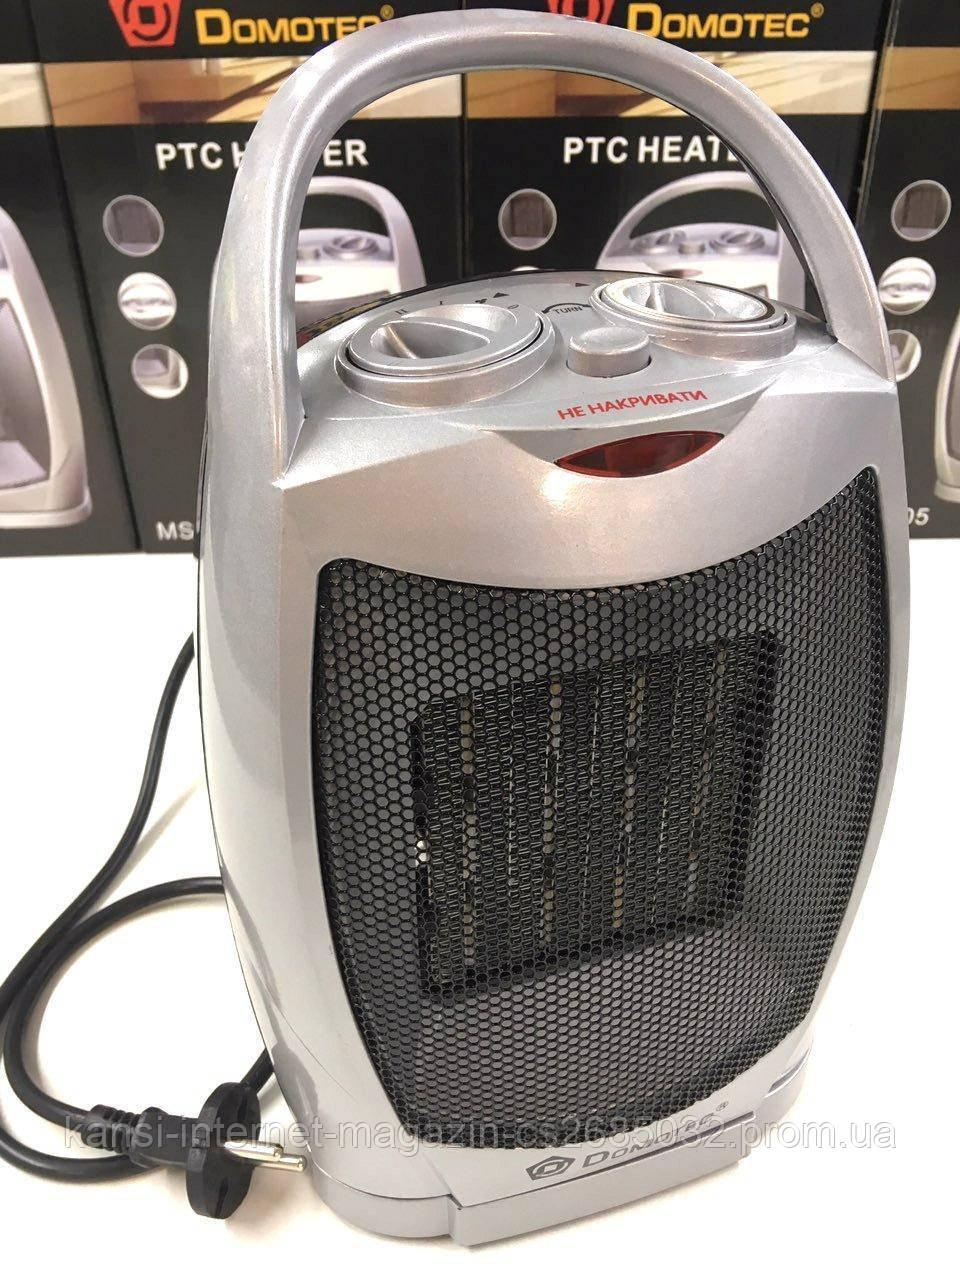 Керамічний тепловентилятор Domotec MS 5905, обігрівач, дуйка